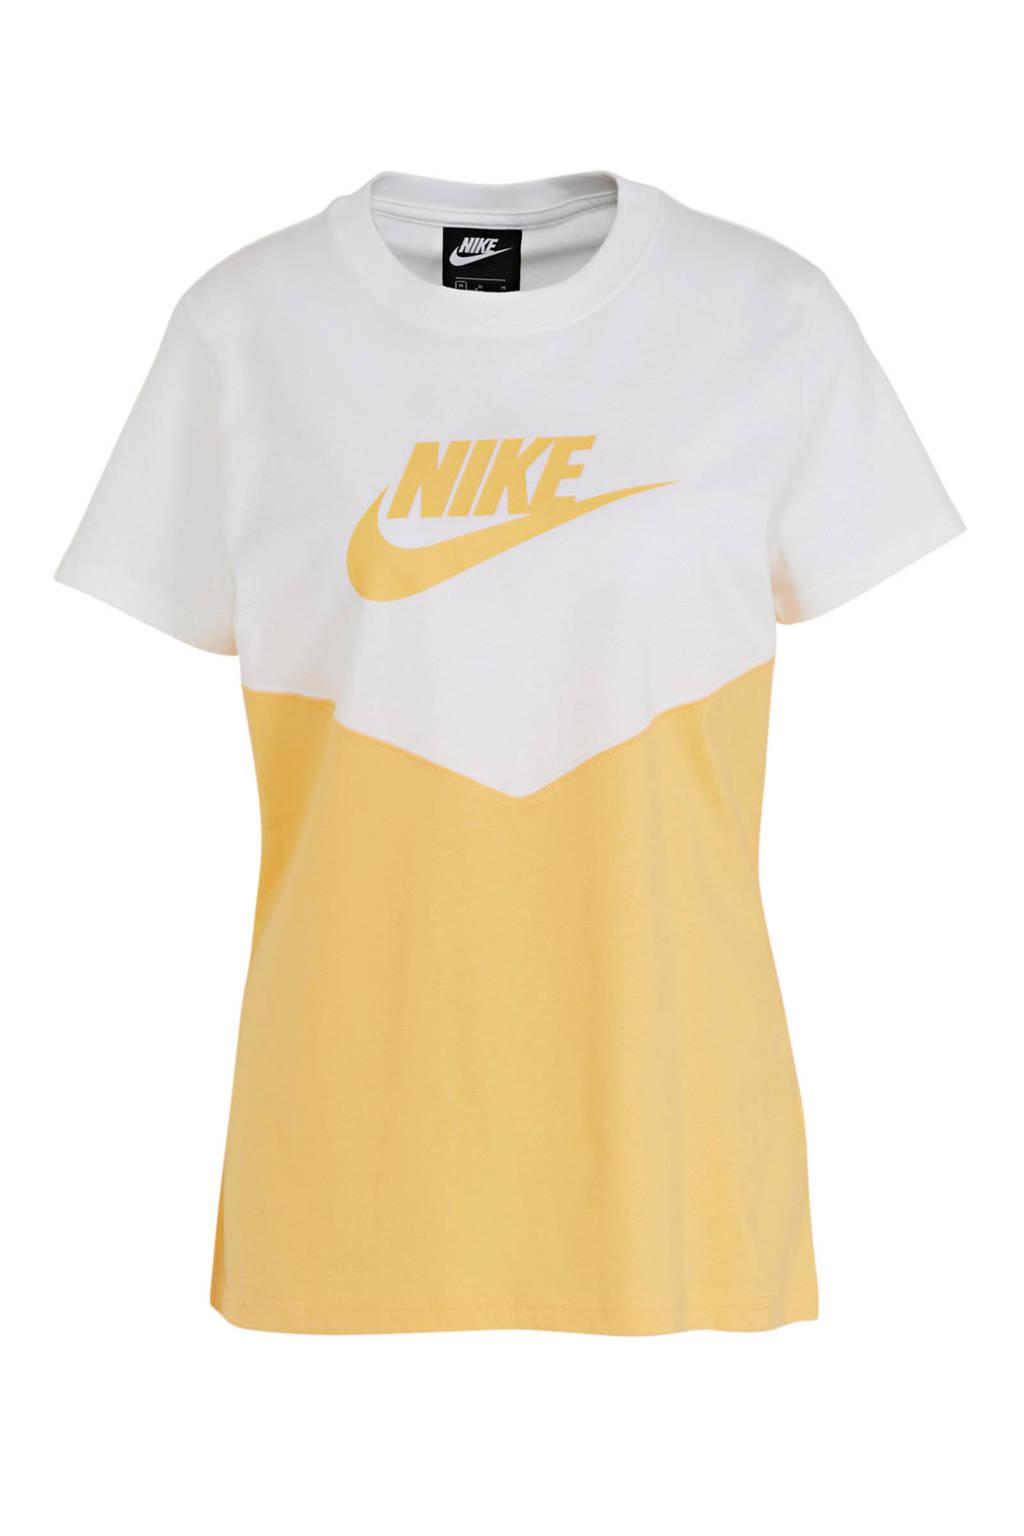 Nike T-shirt met printopdruk wit/geel, Wit/geel